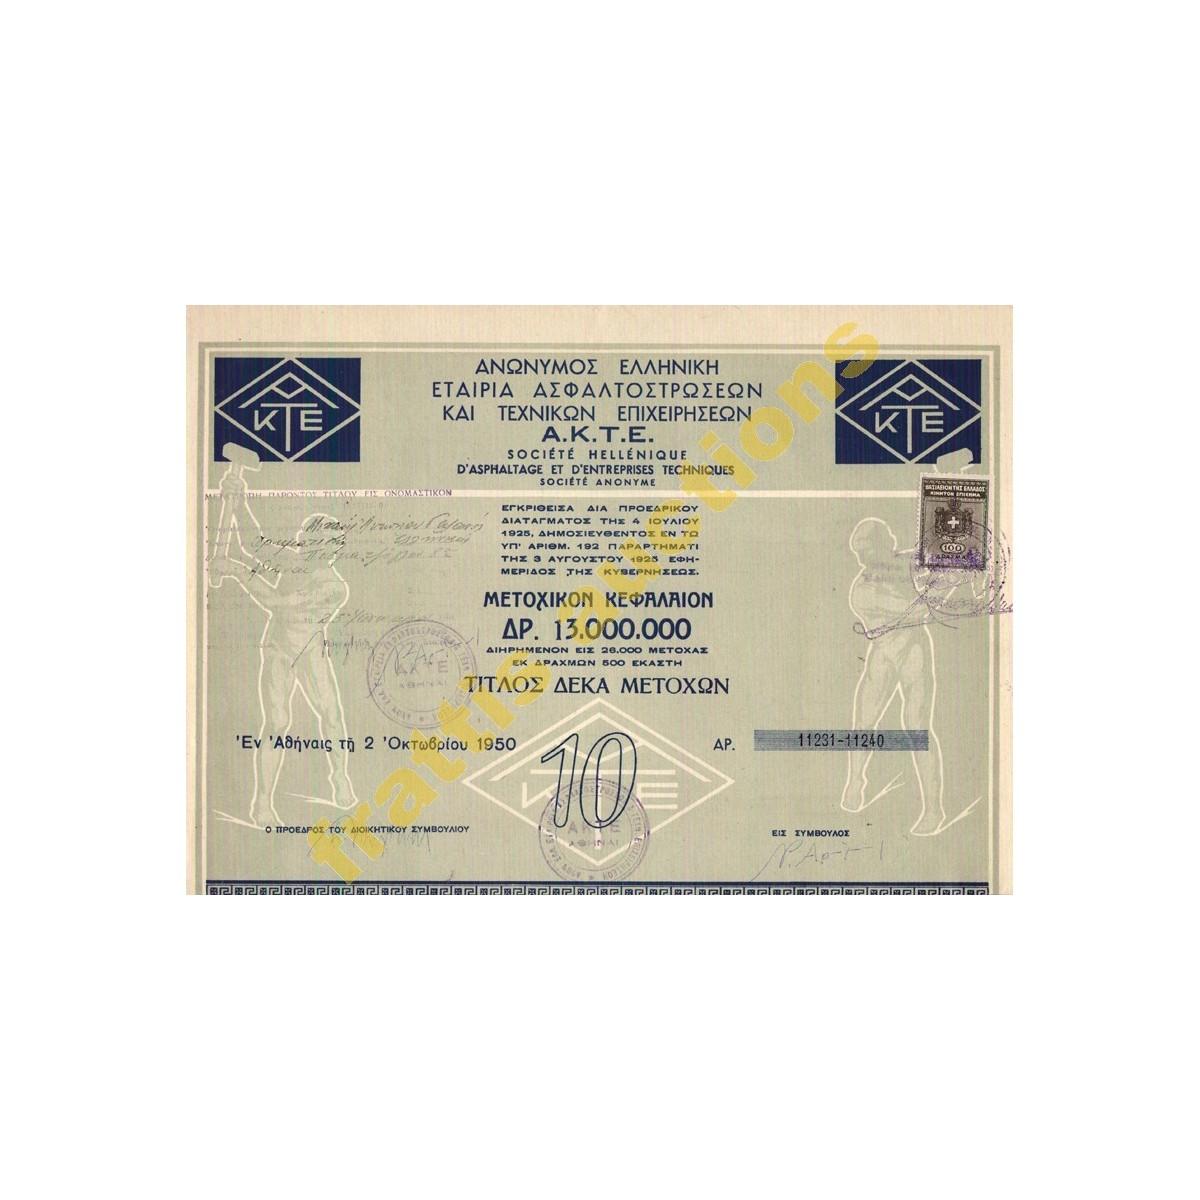 Ανώνυμος Ελληνική Εταιρία Ασφαλτοστρώσεων και Τεχνικών Επιχειρήσεων (Α.Κ.Τ.Ε.Α.)